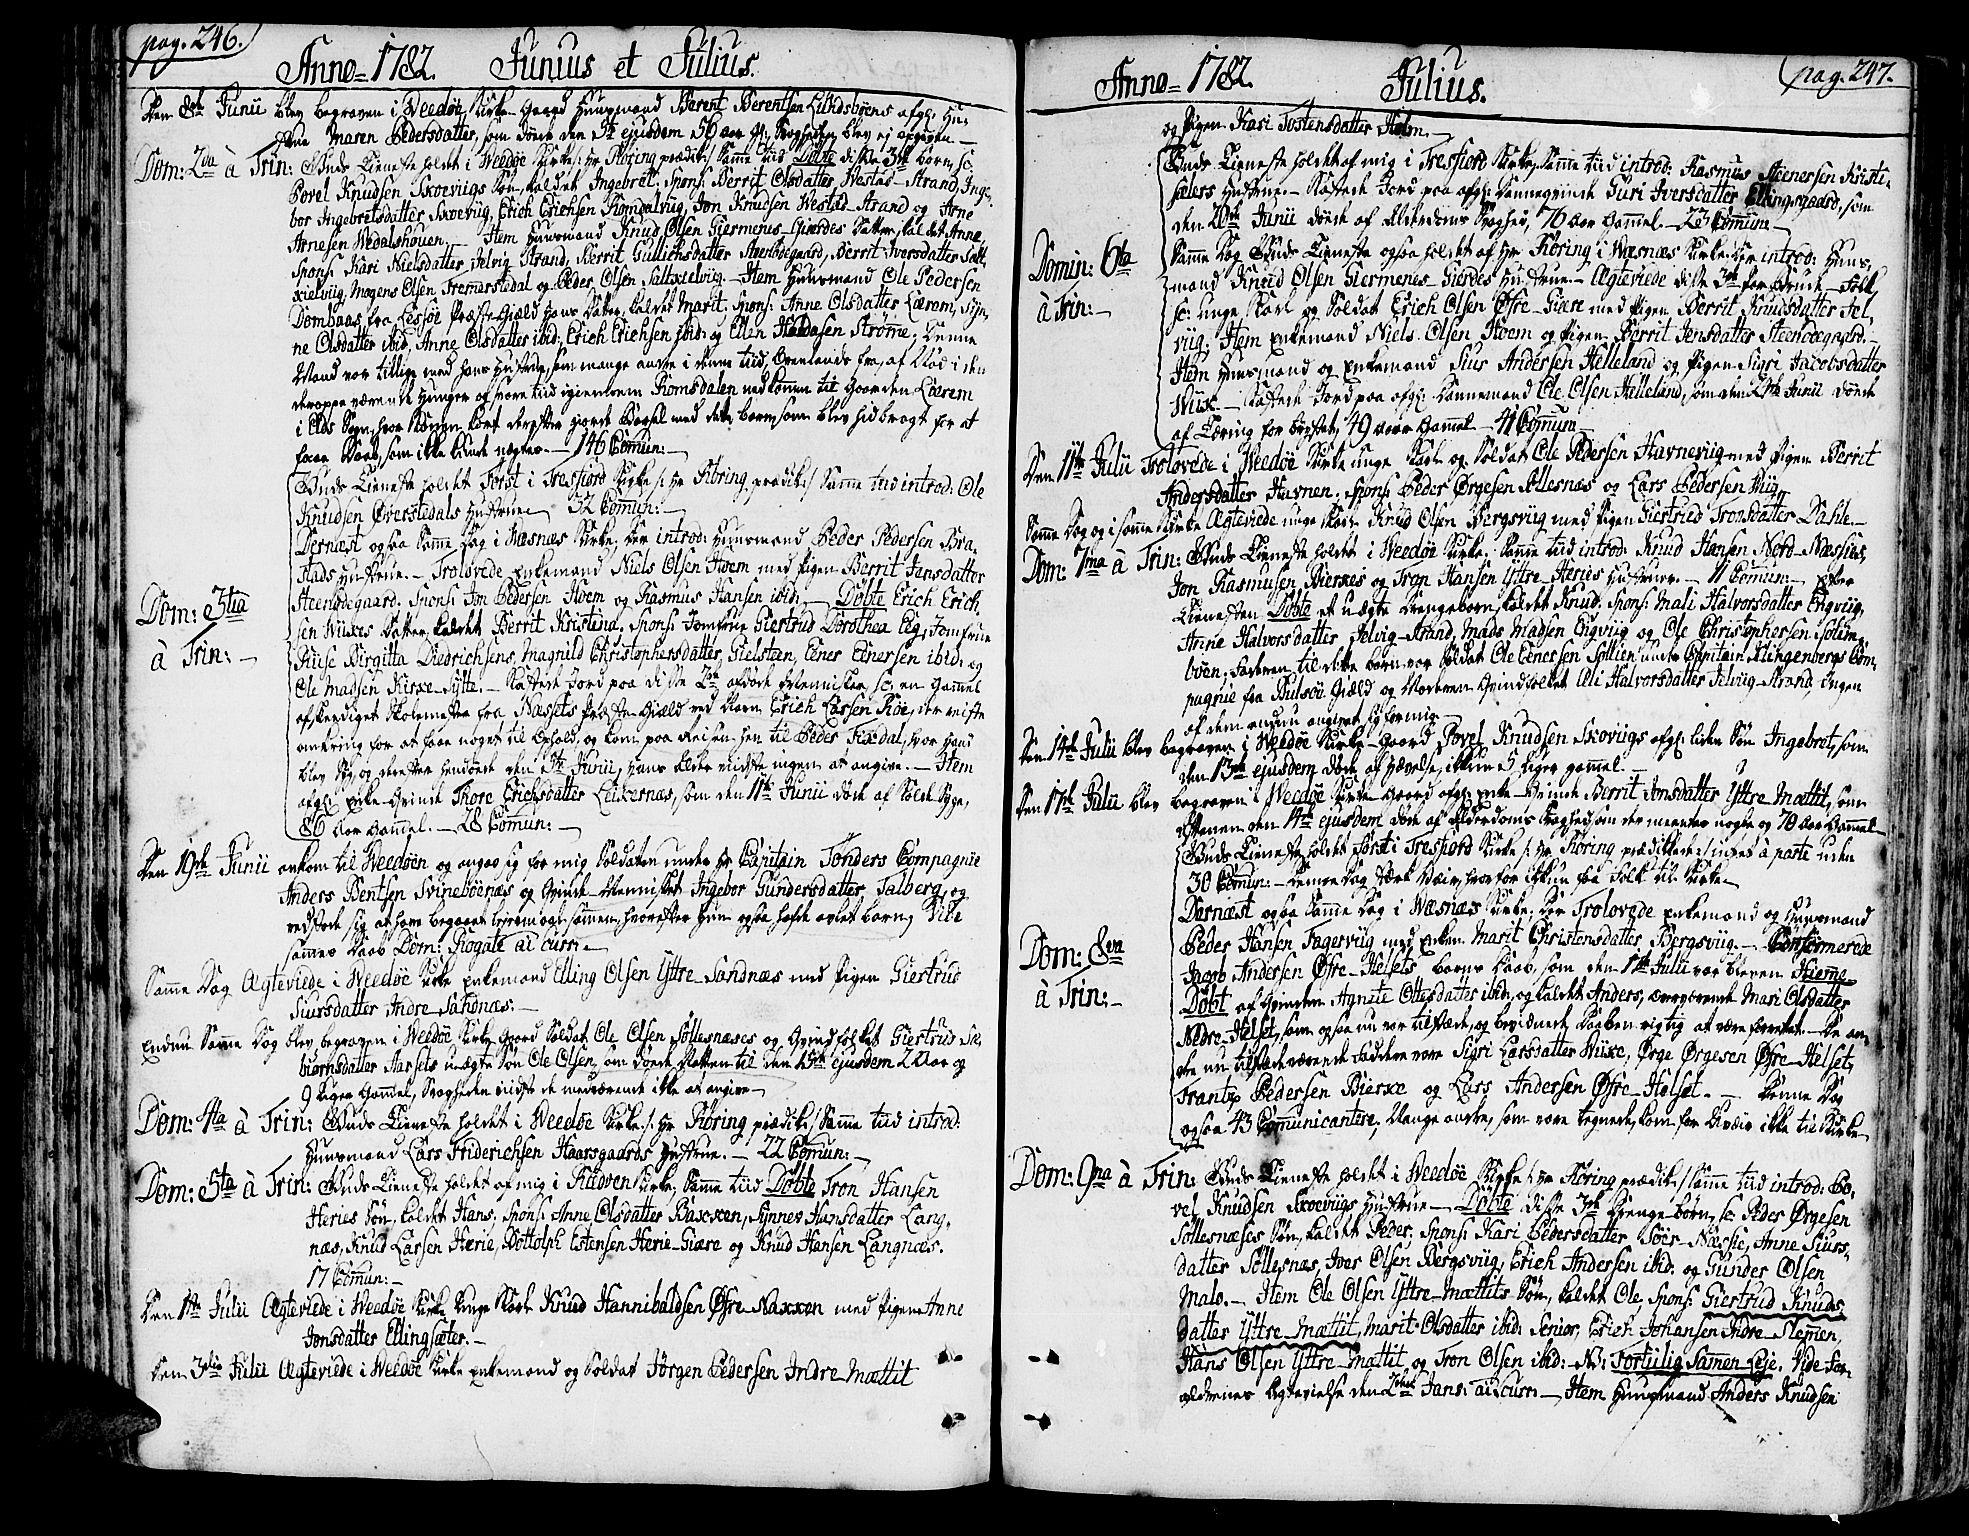 SAT, Ministerialprotokoller, klokkerbøker og fødselsregistre - Møre og Romsdal, 547/L0600: Parish register (official) no. 547A02, 1765-1799, p. 246-247